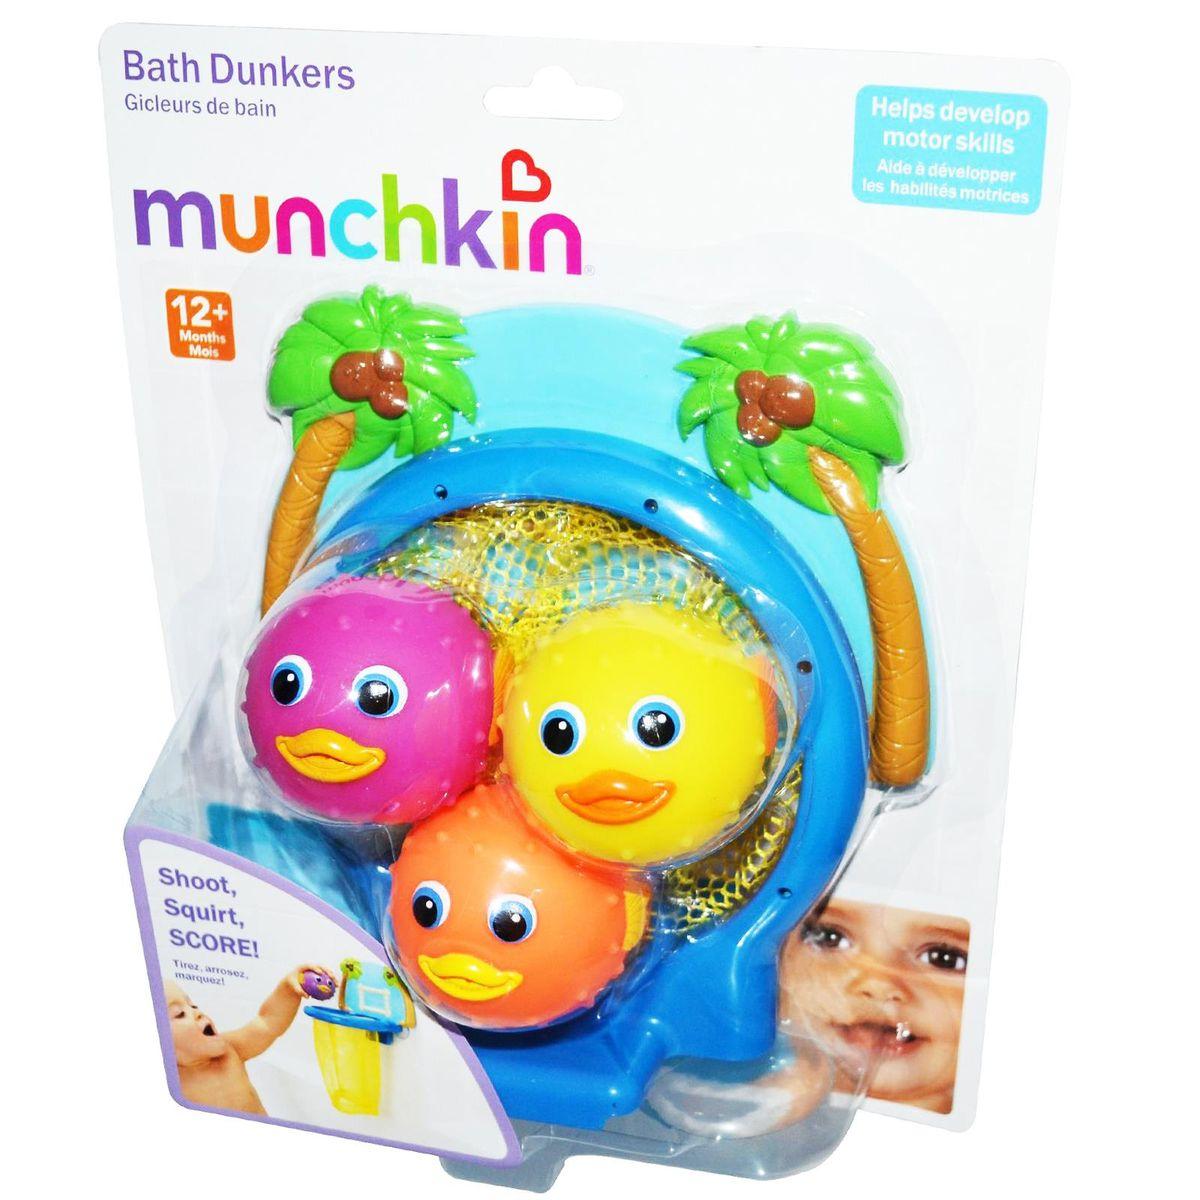 Vonios žaislas MUNCHKIN kūdikiams nuo 12 mėn. (011123)